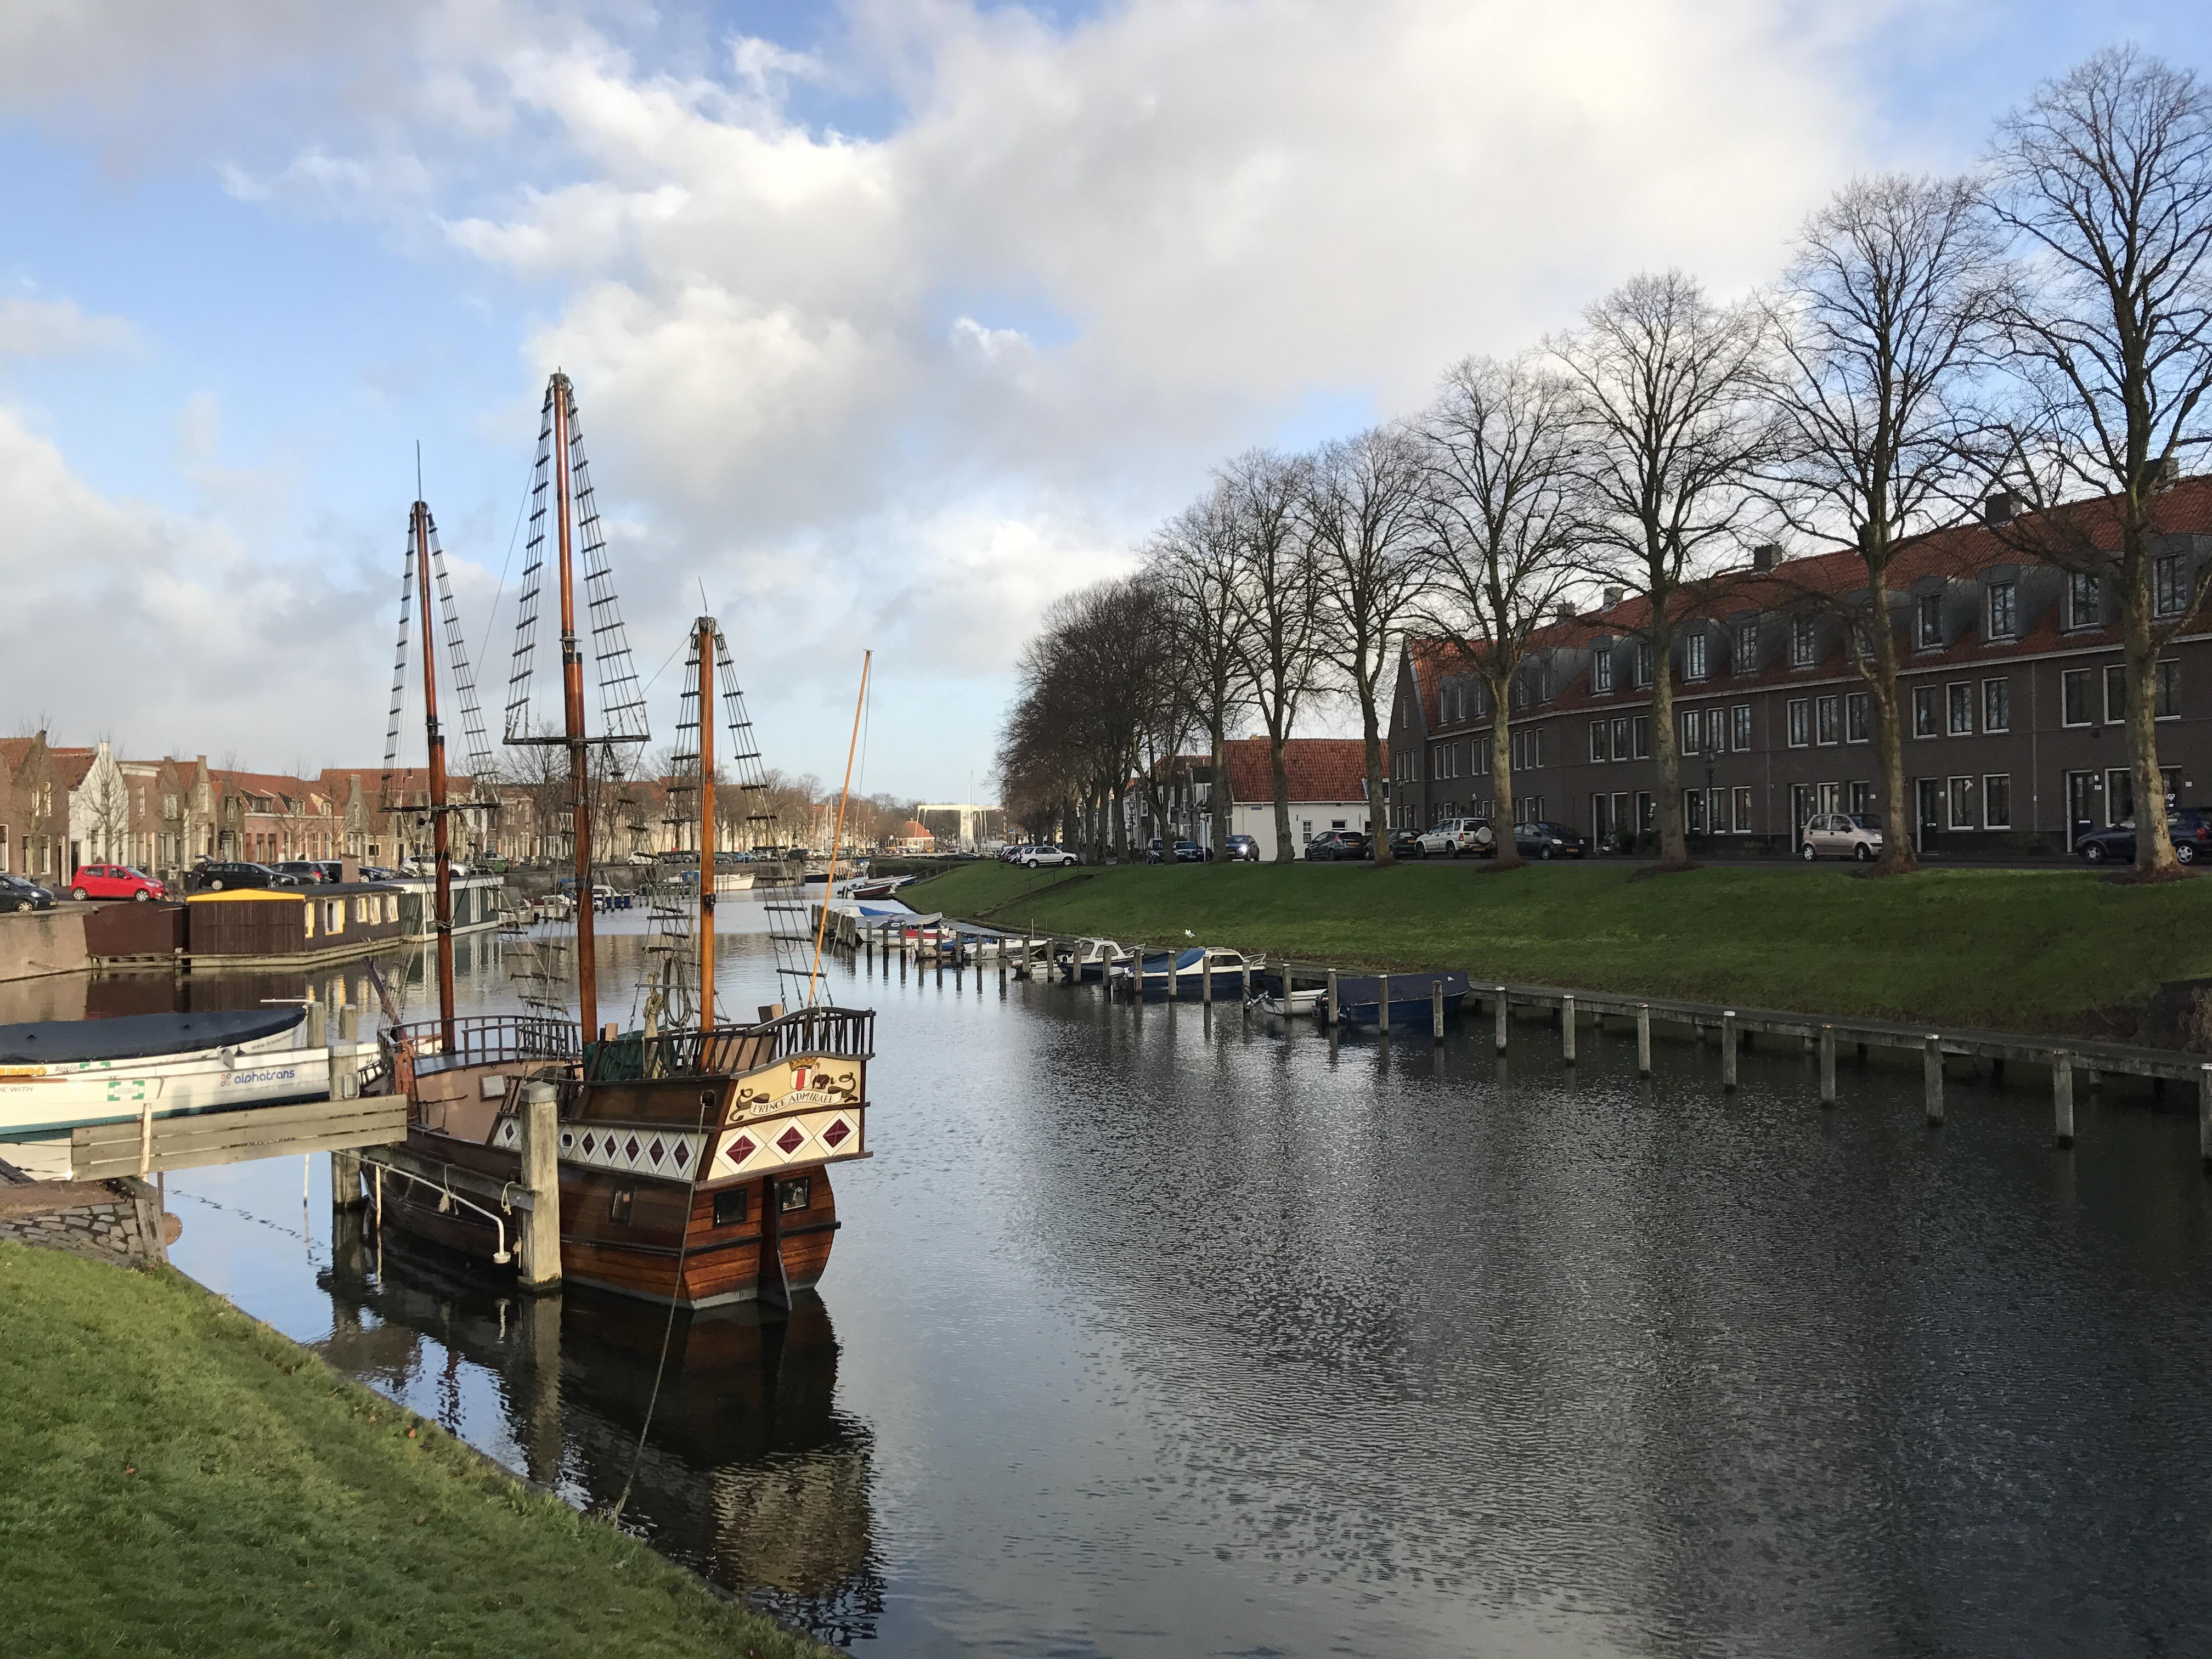 De oude haven van Maarland